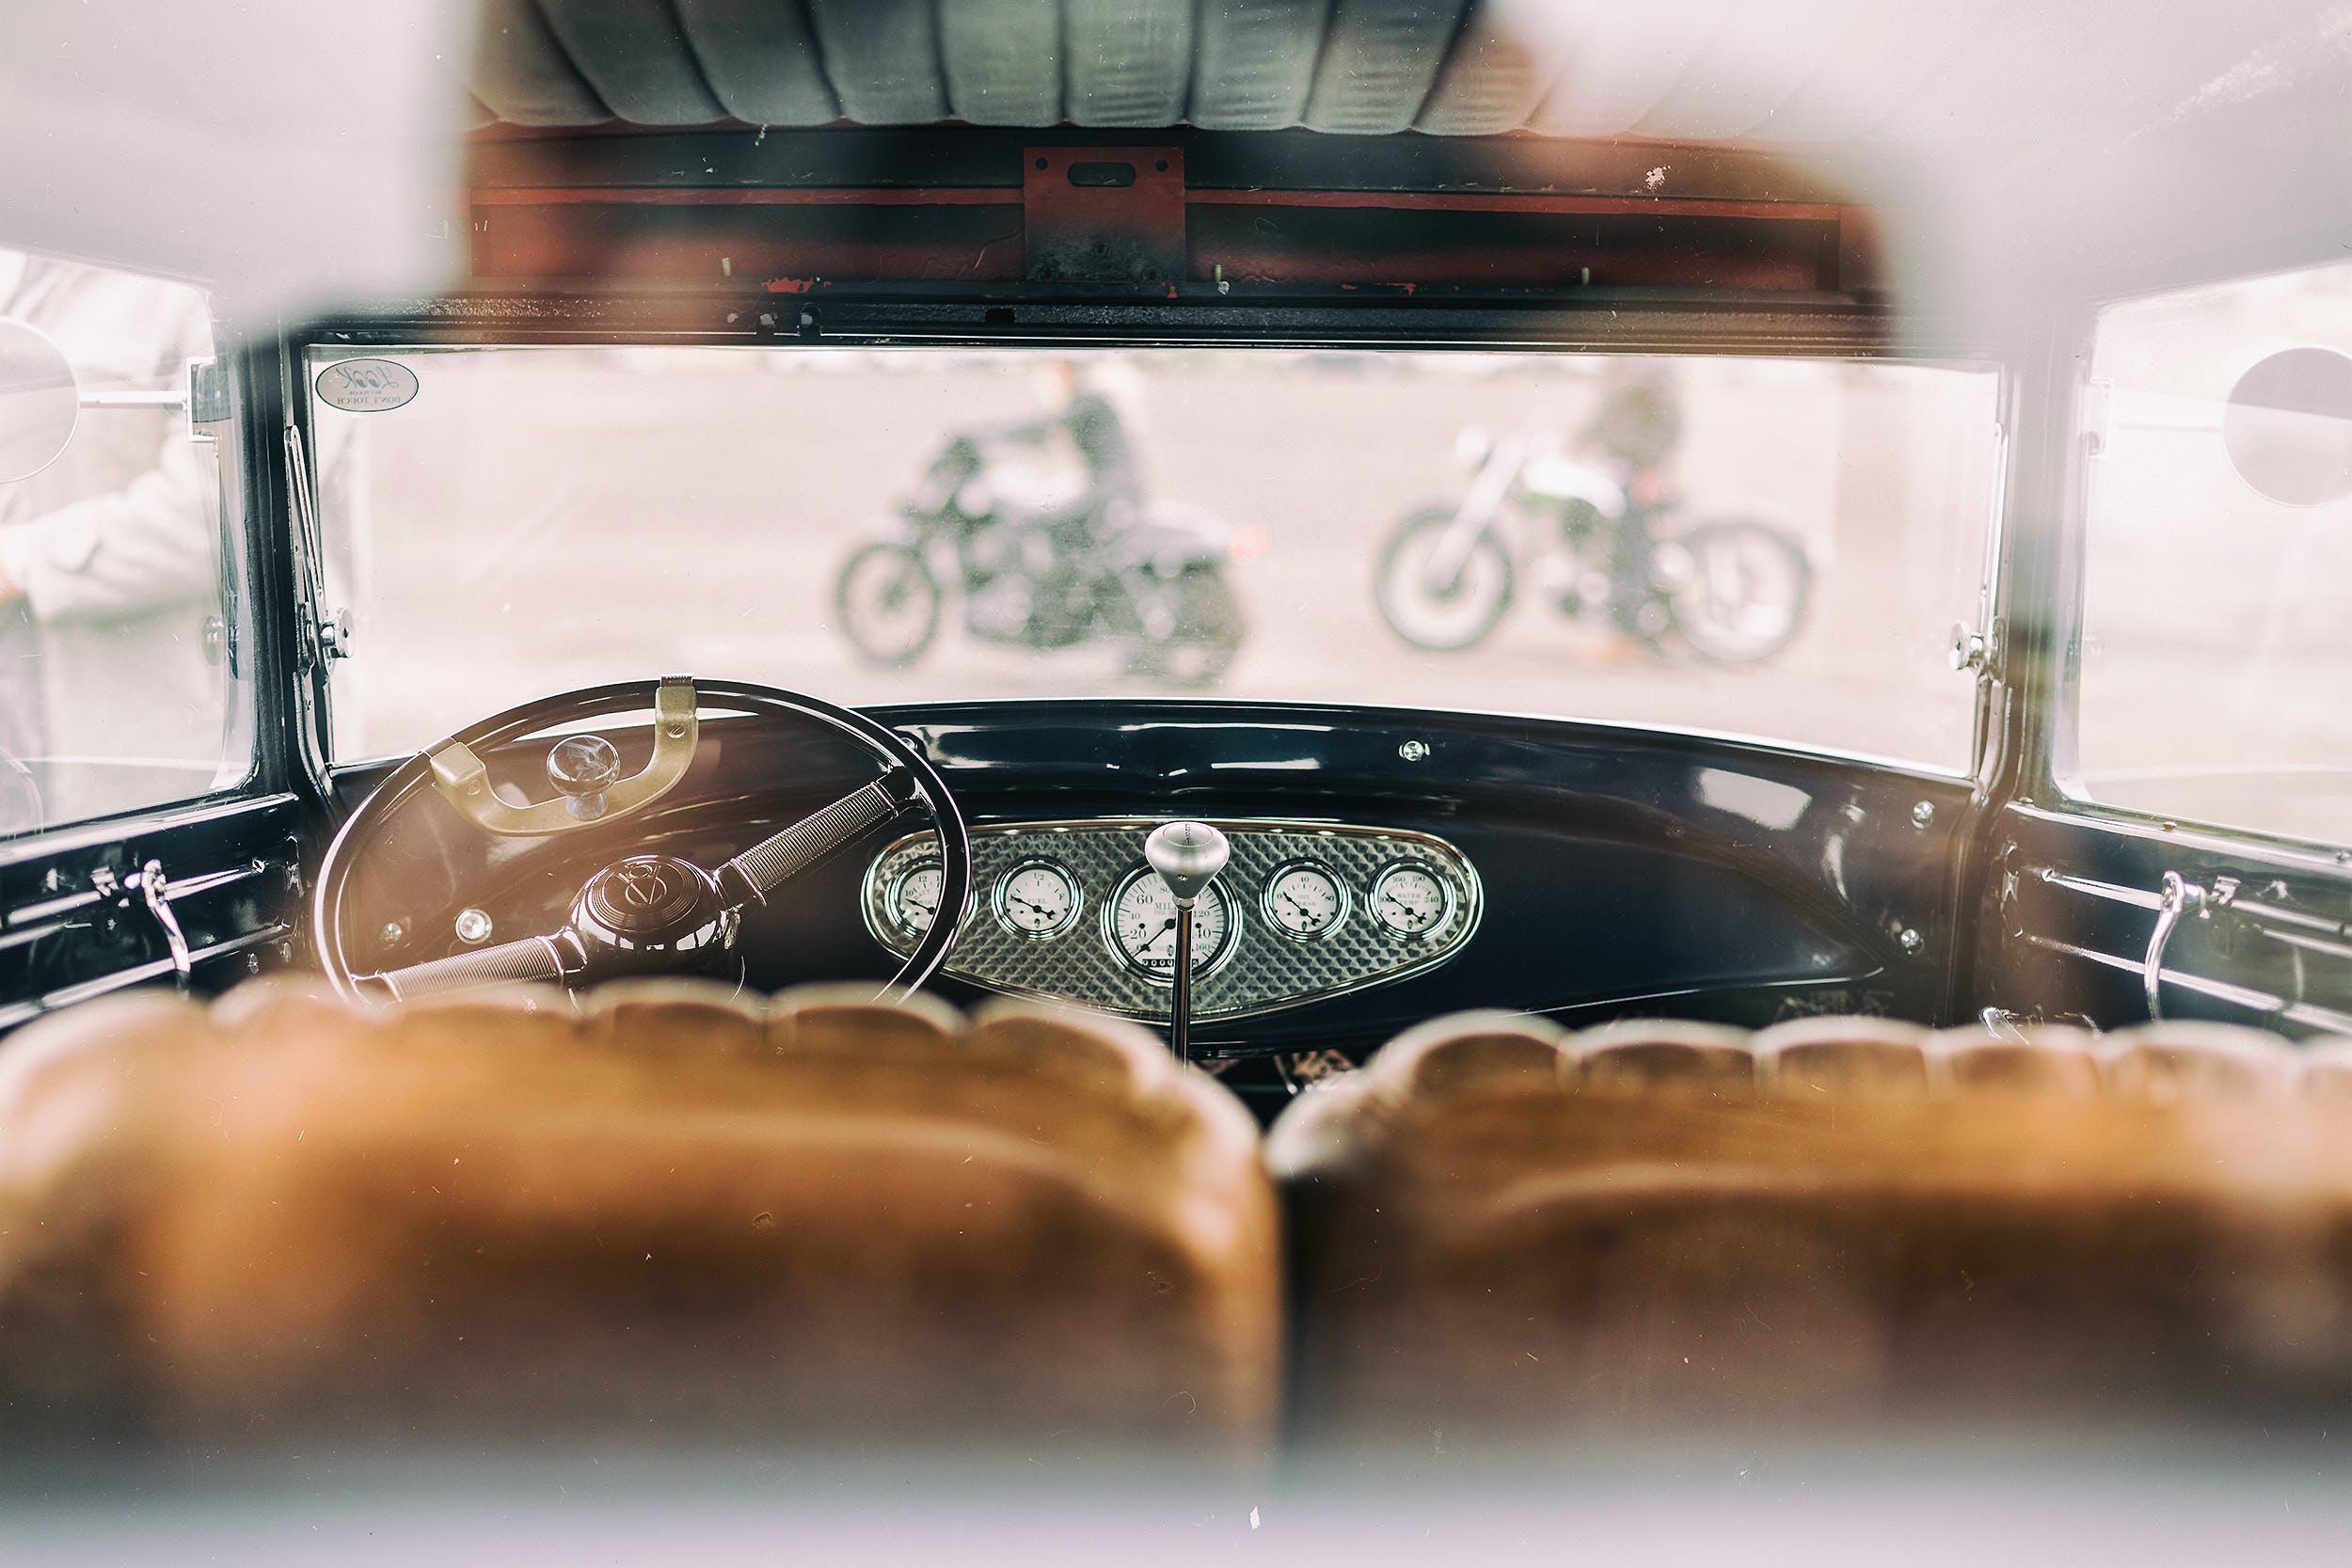 Безкоштовне стокове фото на тему «kustom, гарячий стрижень, замовлення, класичний автомобіль»